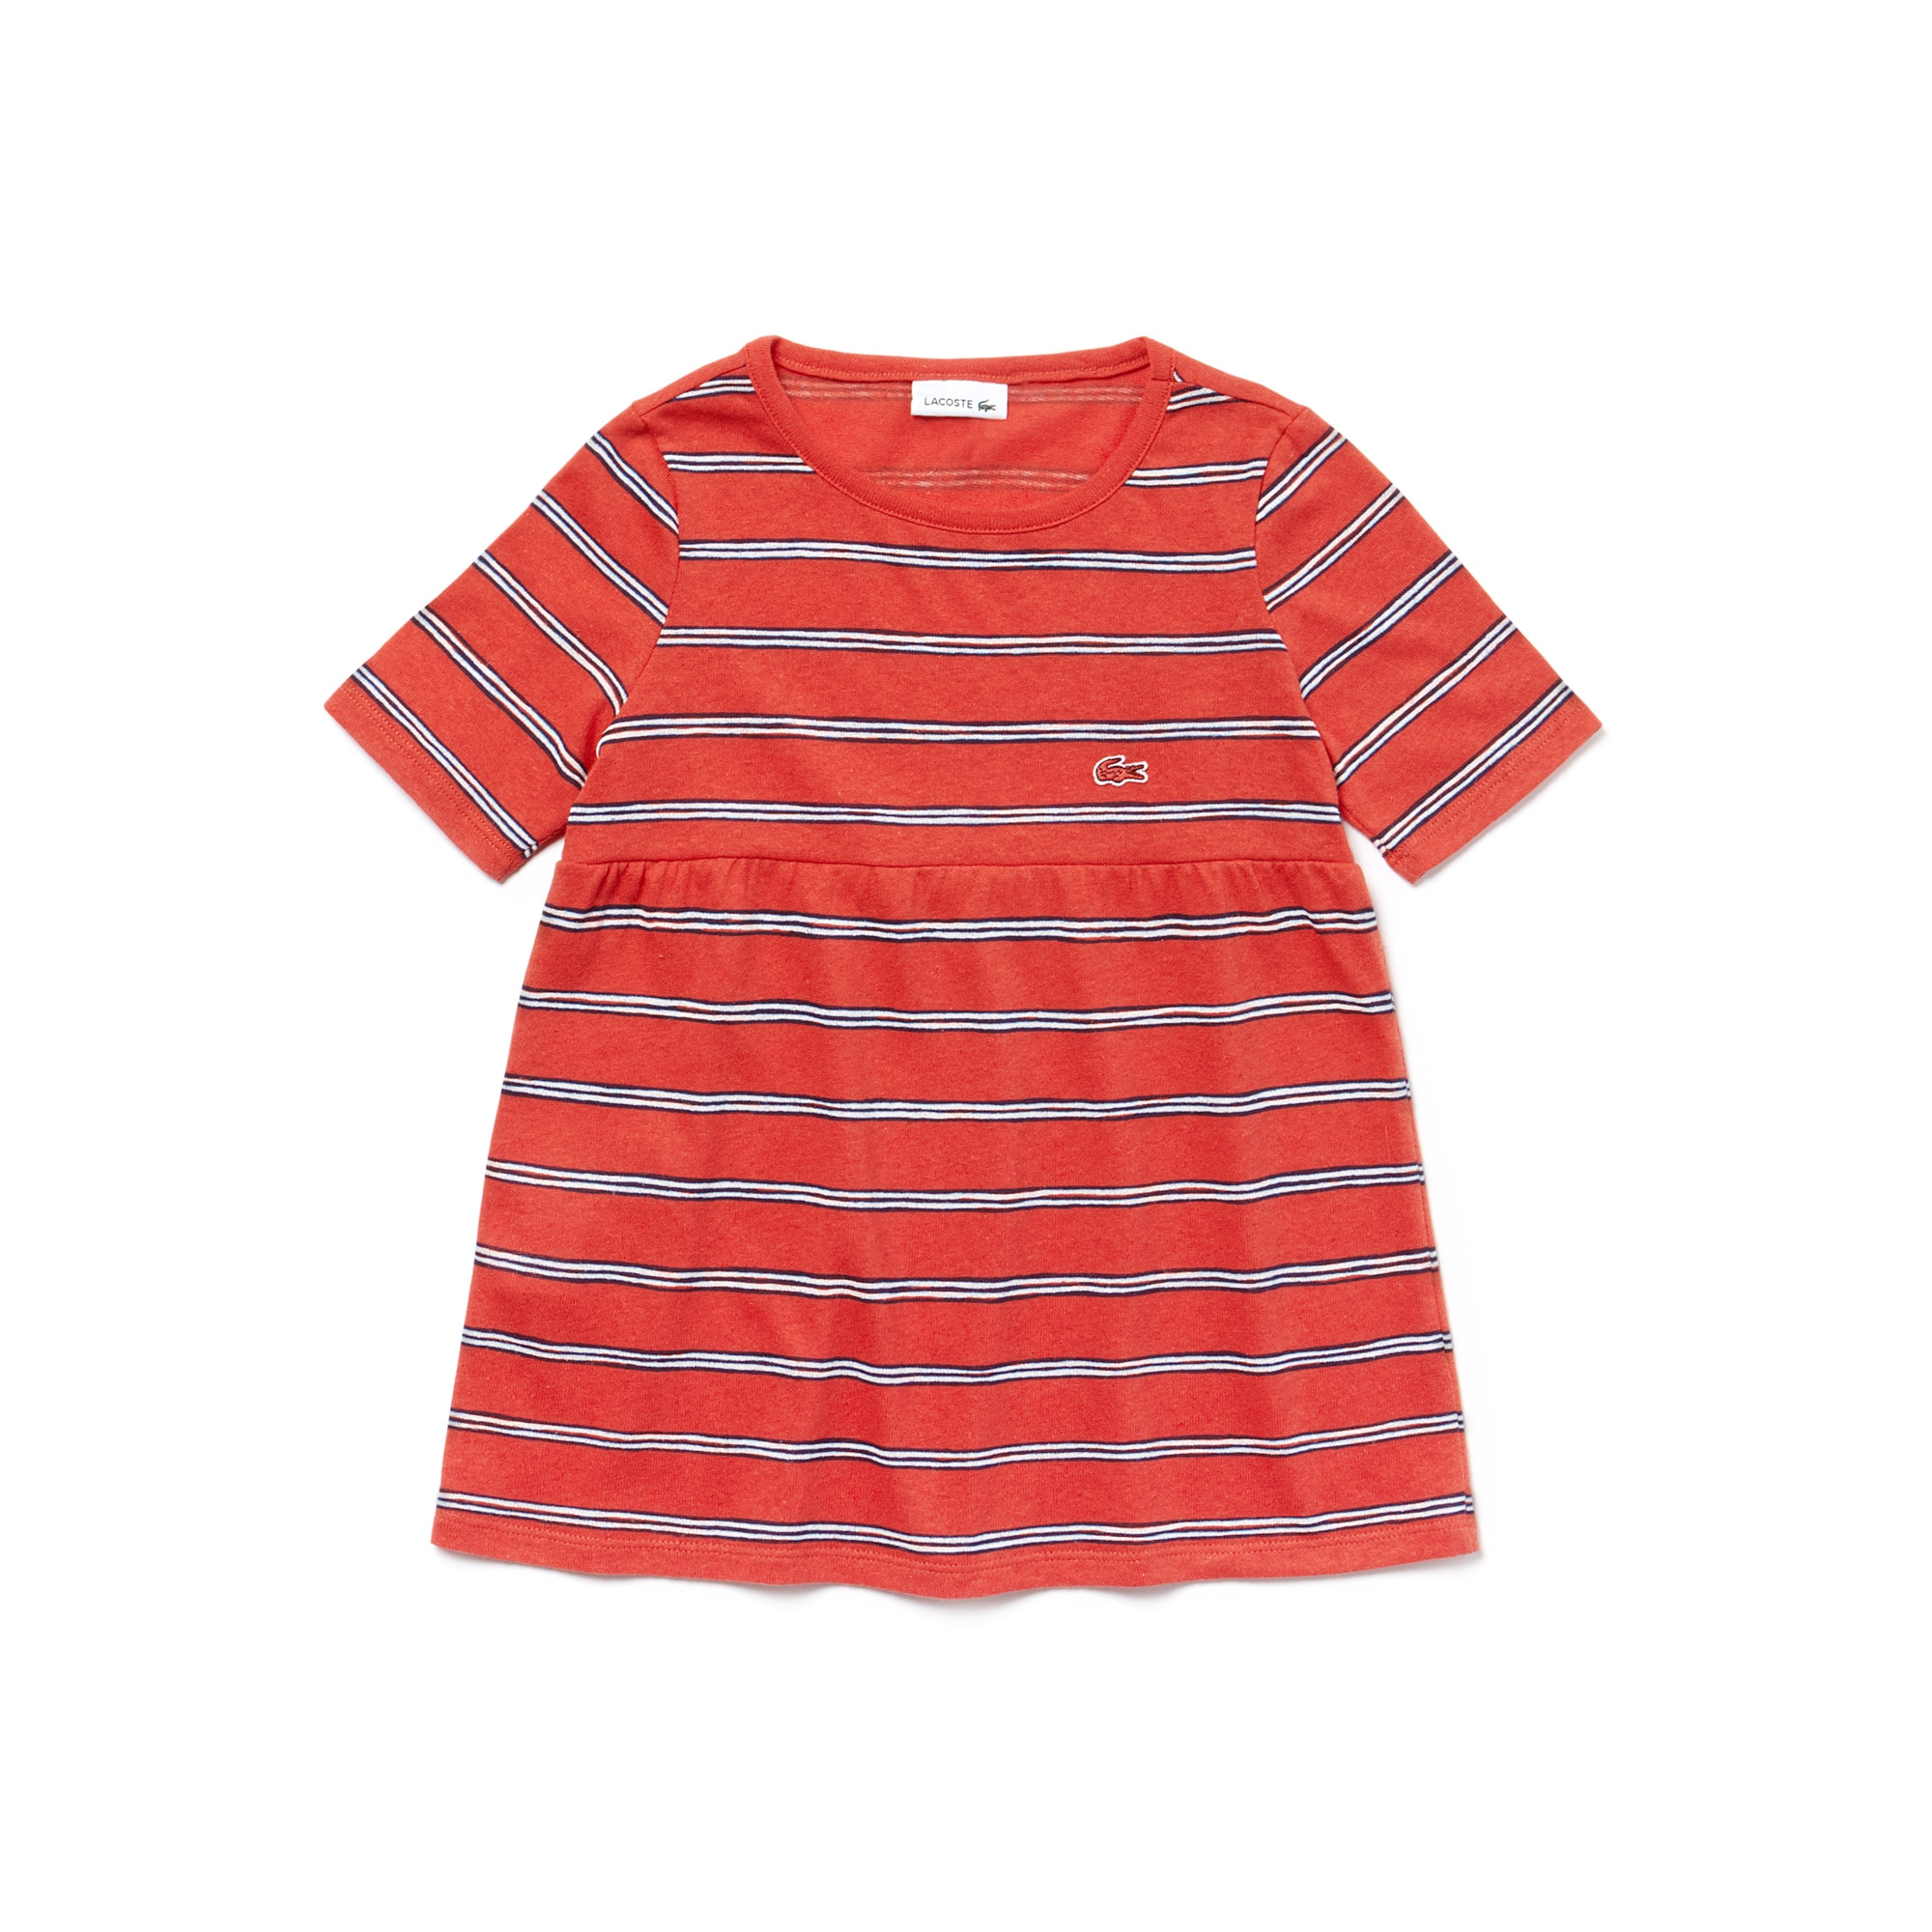 Mädchen-Rundhals-T-Shirt aus Baumwolle und Leinen mit Streifen